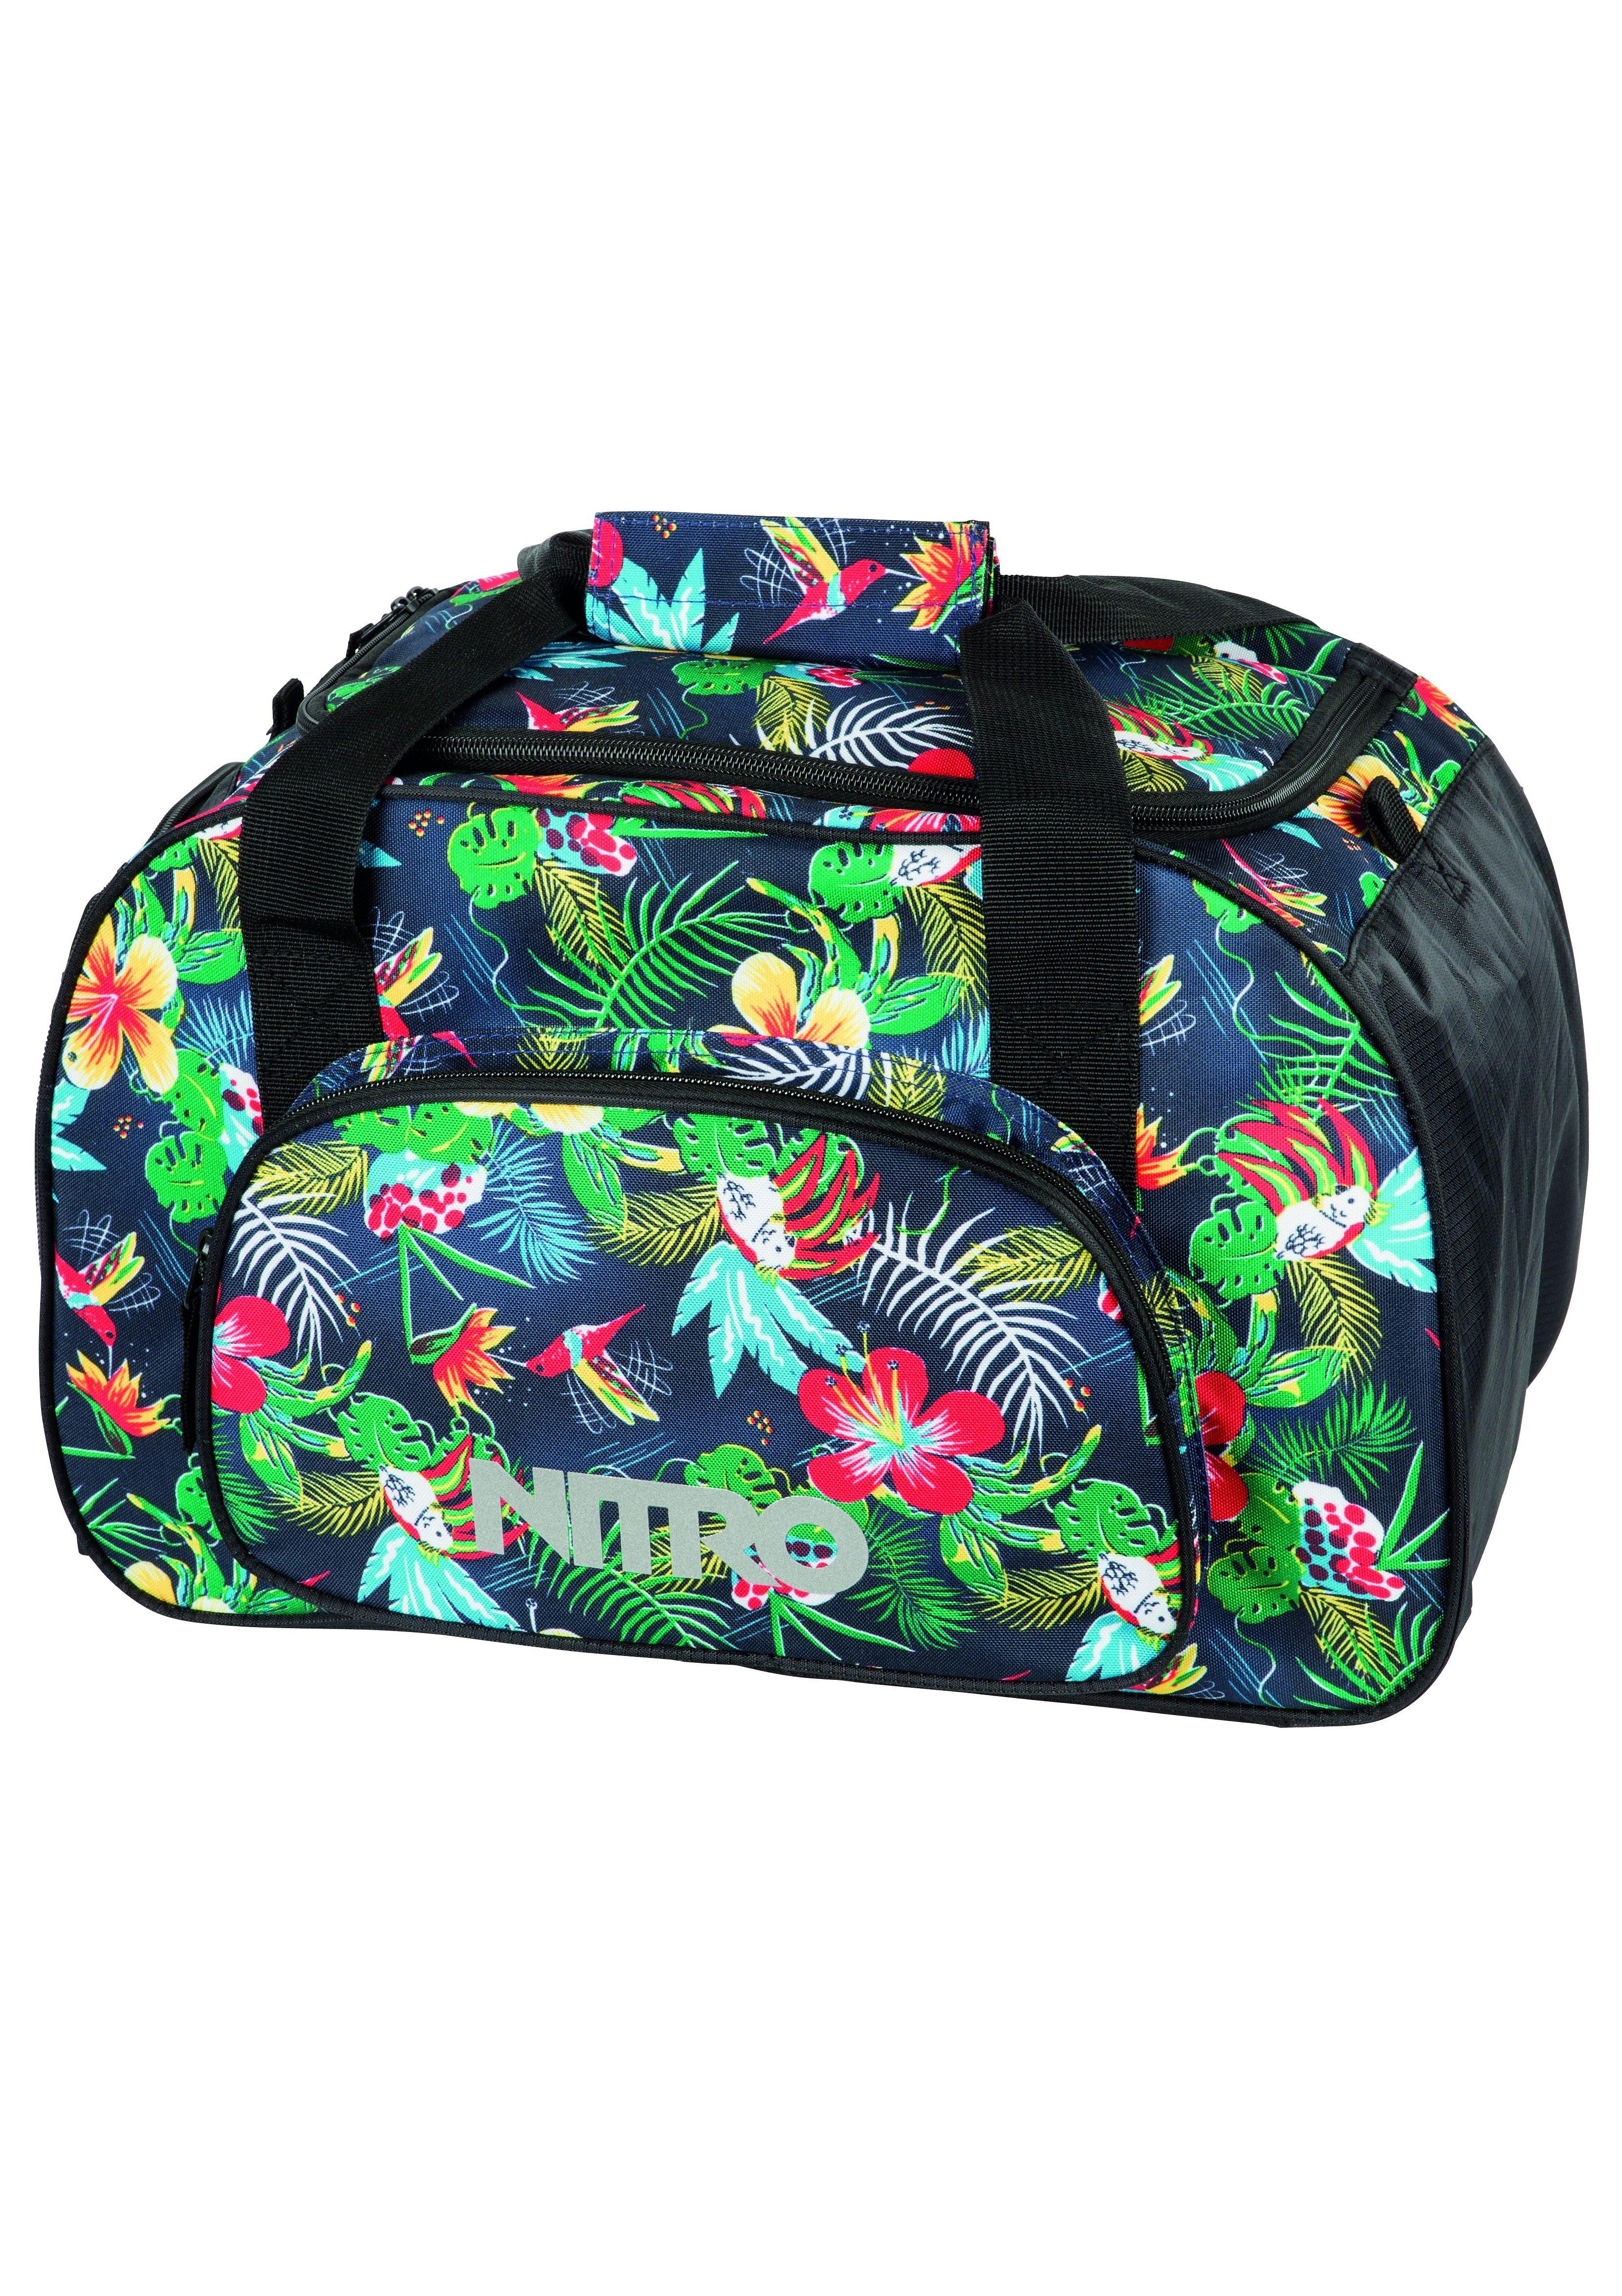 Nitro Reisetasche, »Duffle Bag XS - Paradise«